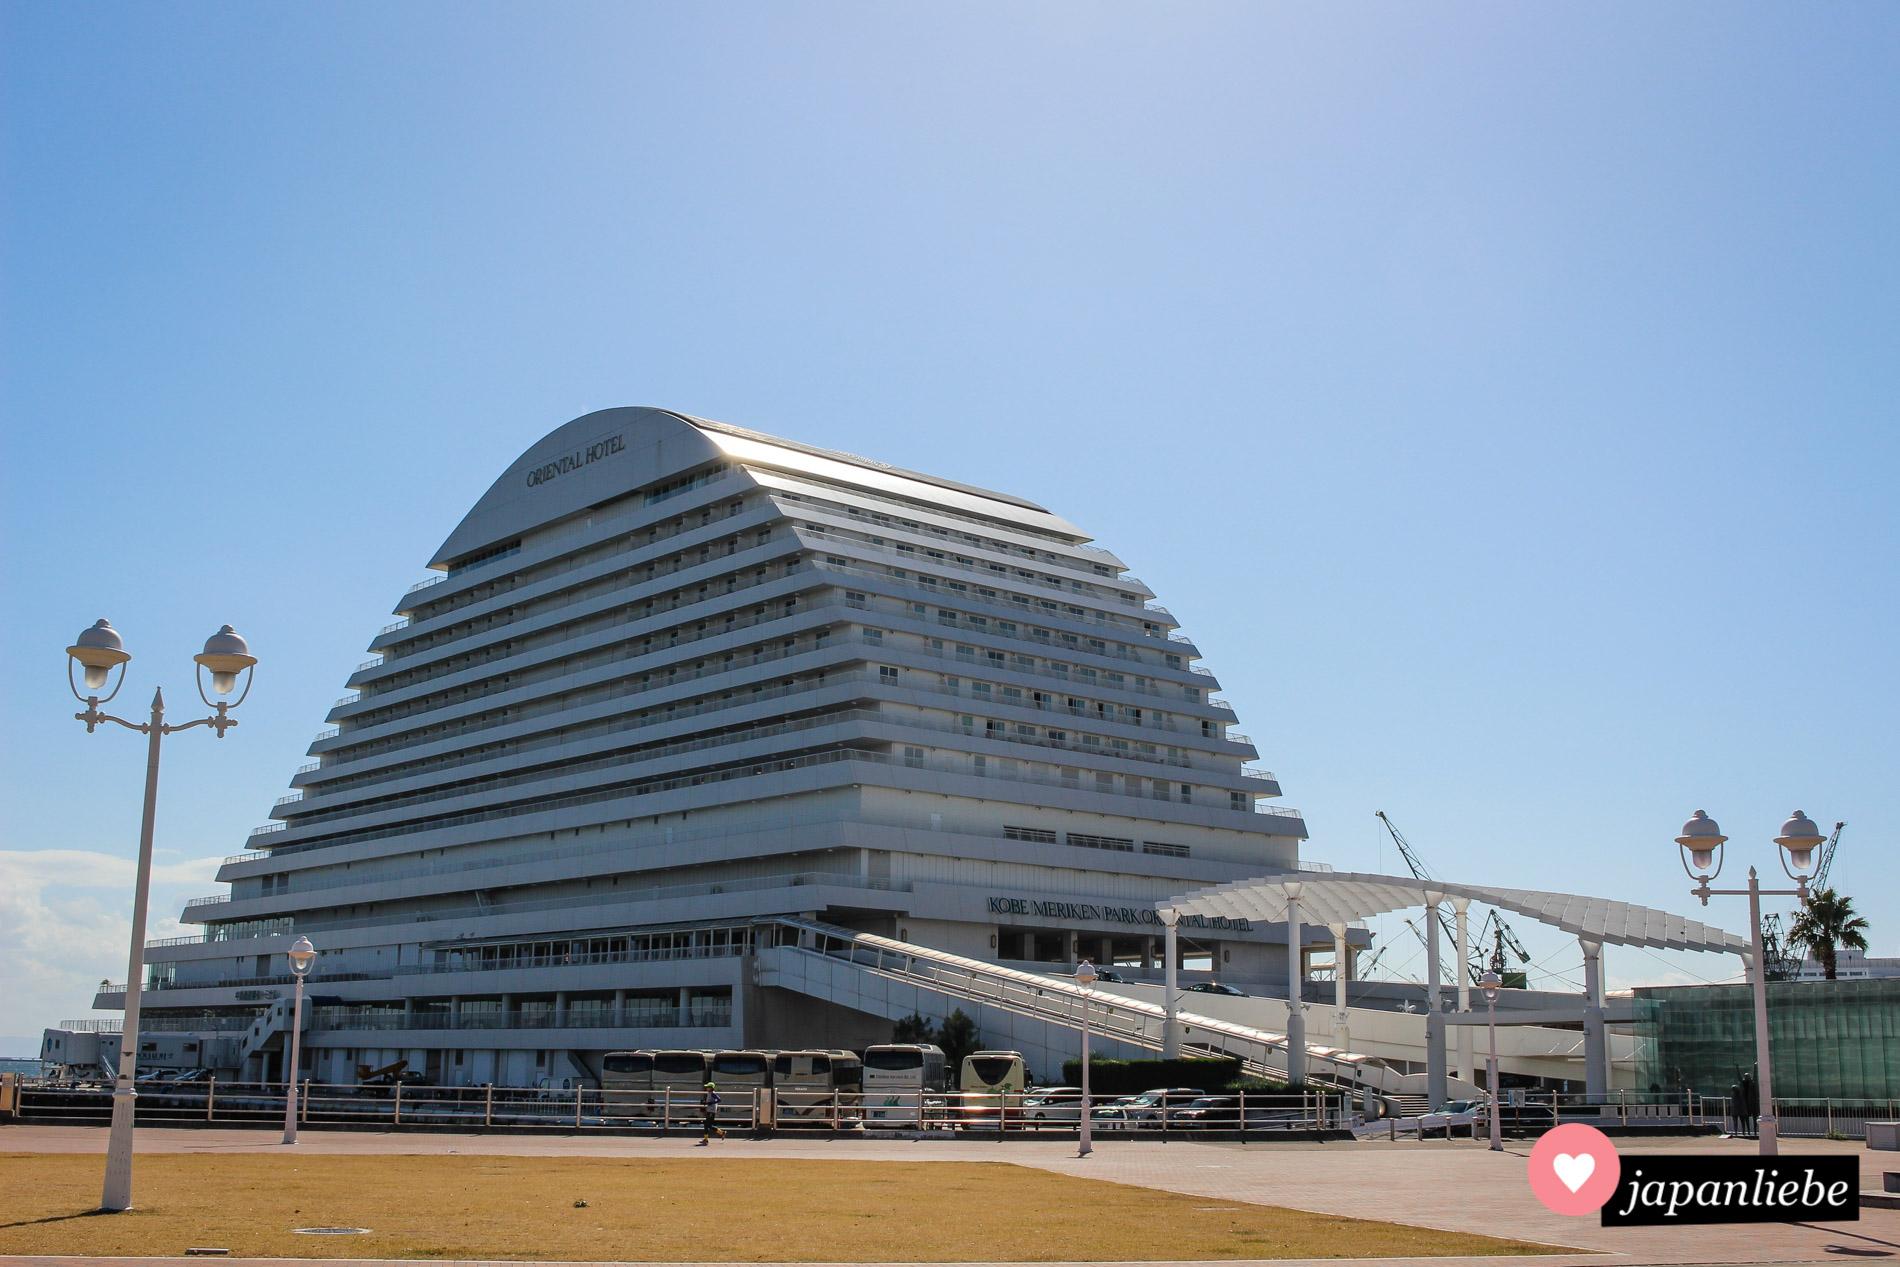 Das Meriken Park Oriental Hotel erinnert mich ins einer Form an ein Kreuzfahrtschiff oder eine Fähre, die gerade beladen wird.